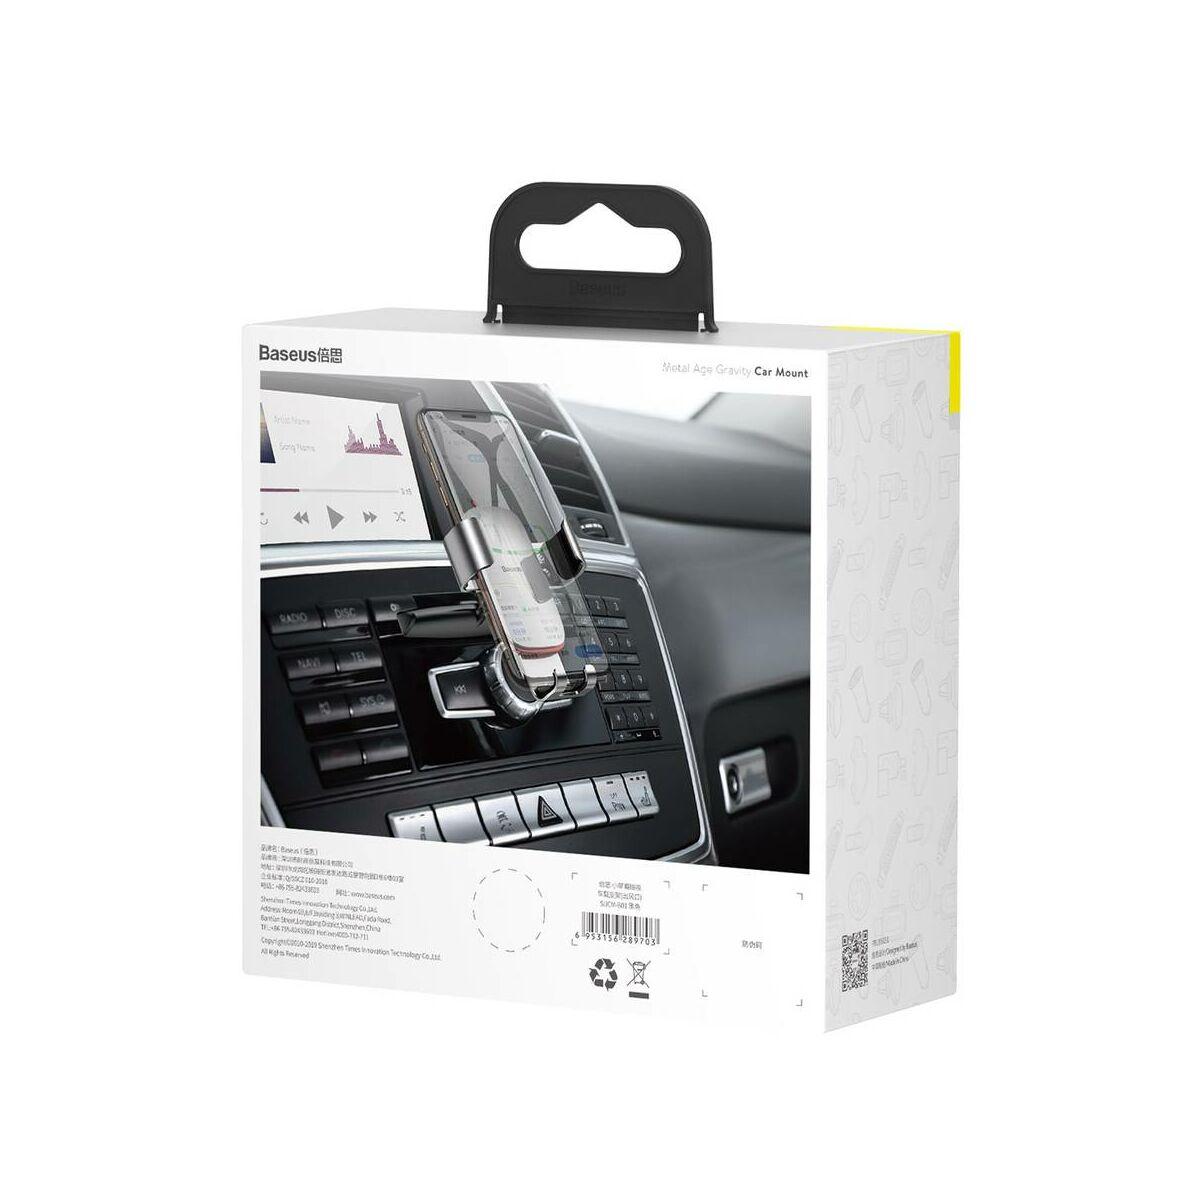 Baseus autós telefontartó, Metal Age Gravity (CD lejátszóba helyezhető), fekete (SUYL-J01)